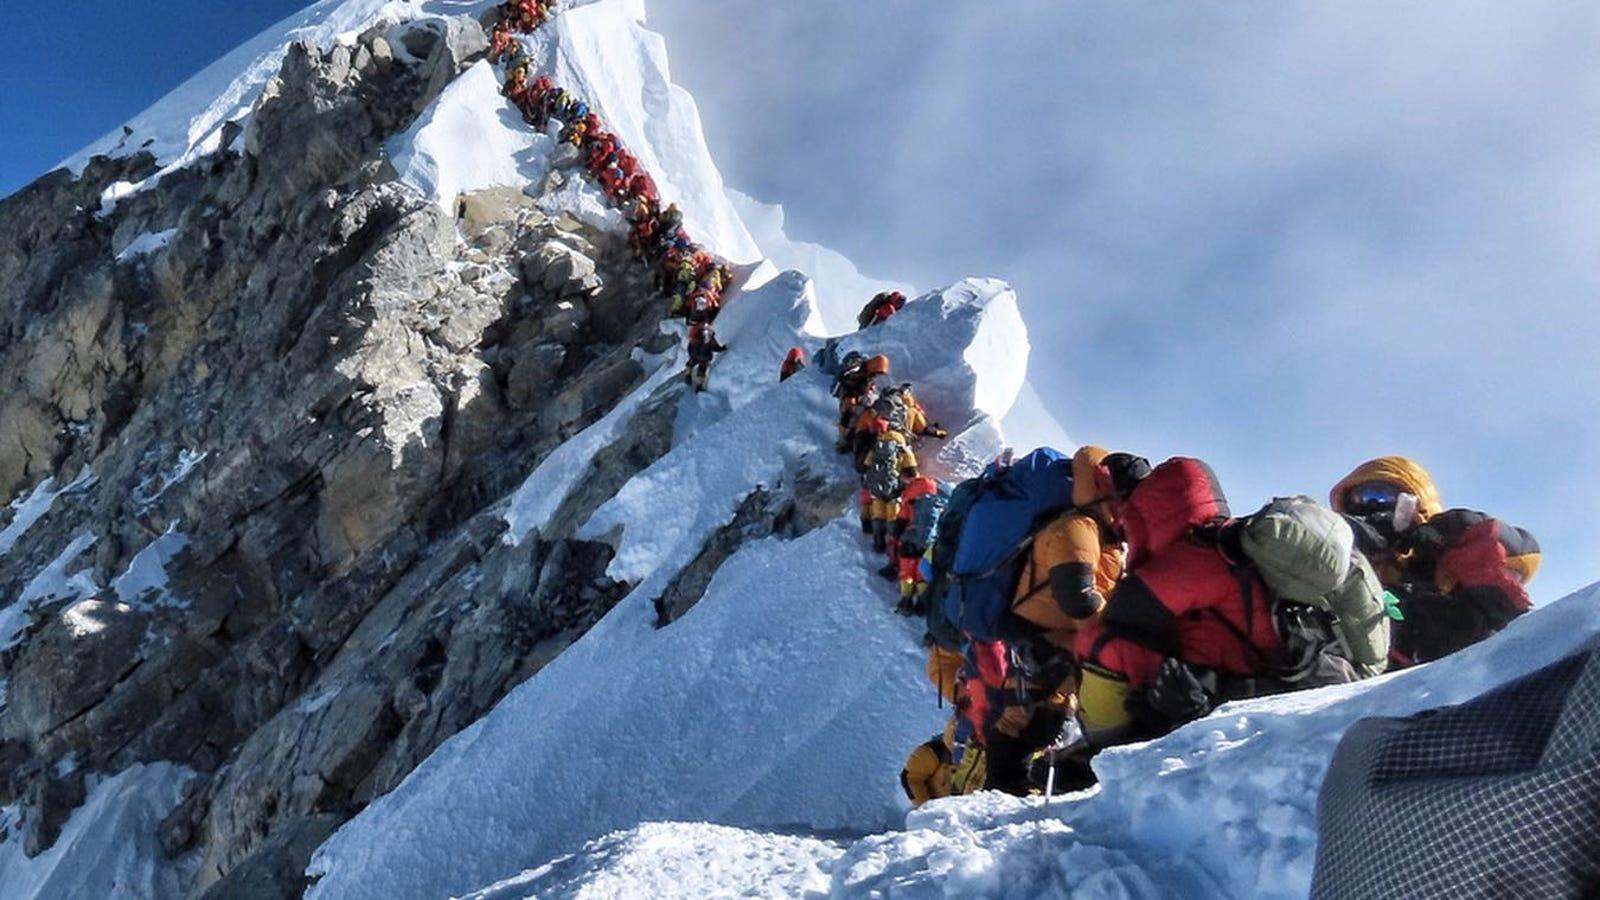 Hay tantos escaladores haciendo cola en el Everest que ya van siete muertos en una semana